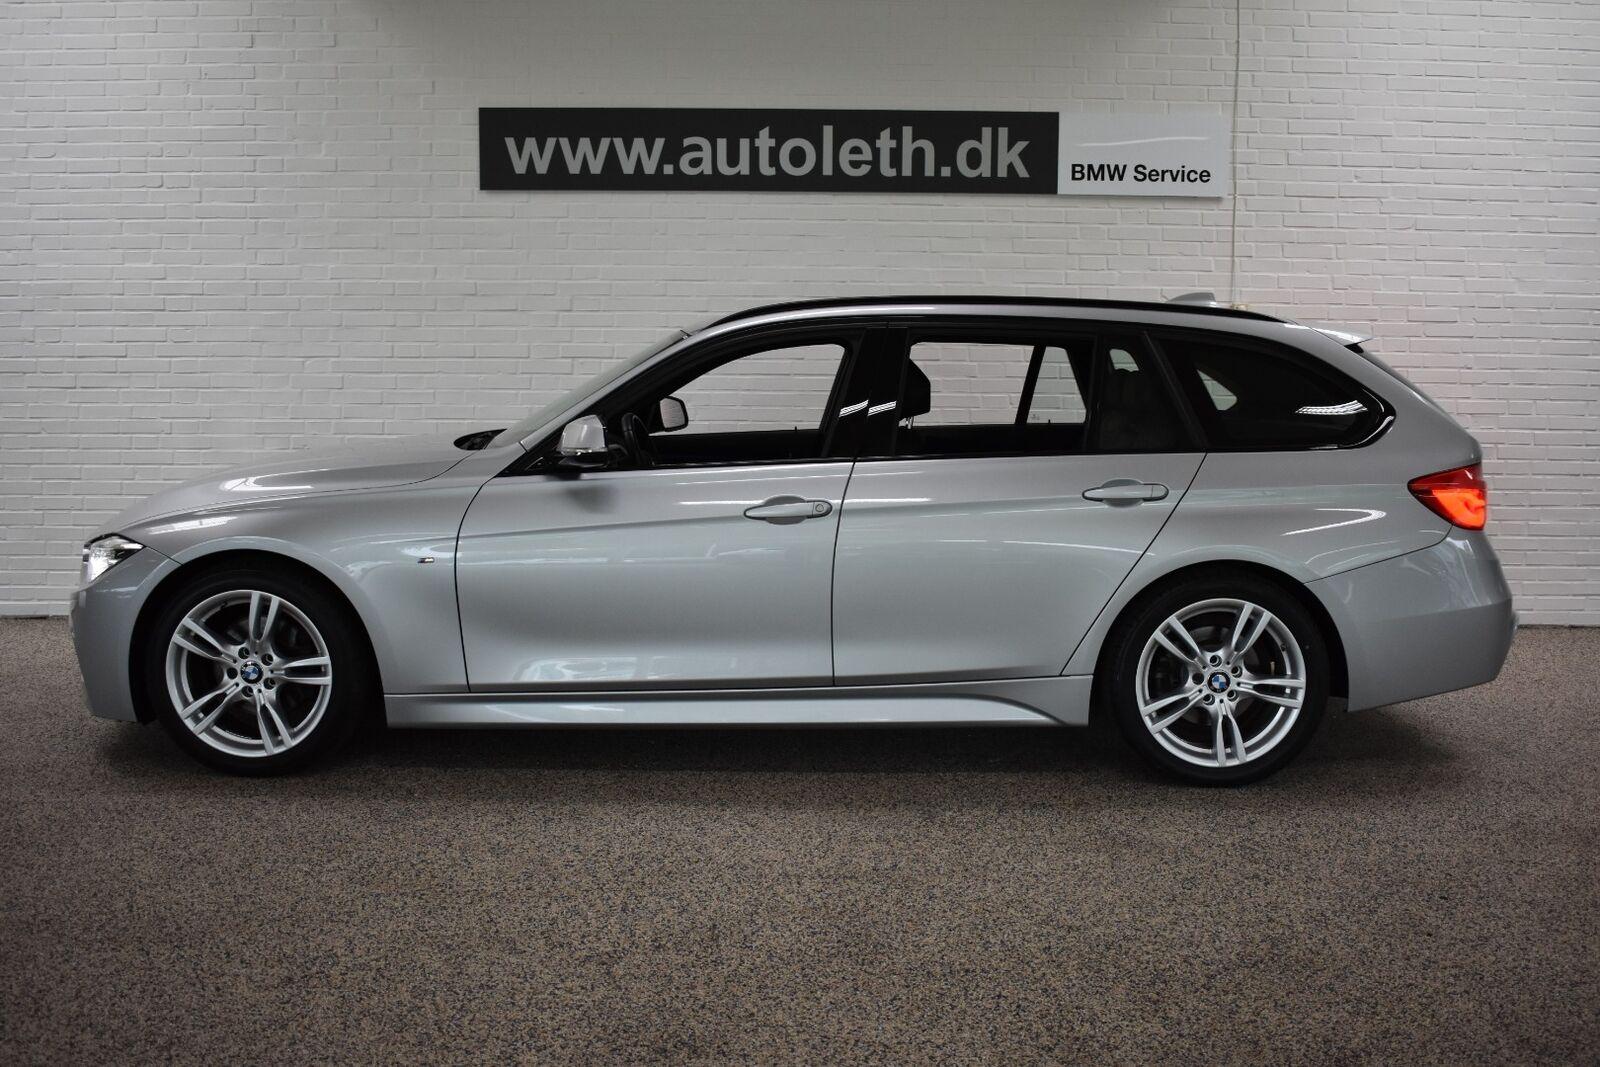 BMW 320d 2,0 Touring M-Sport aut. 5d - 364.900 kr.